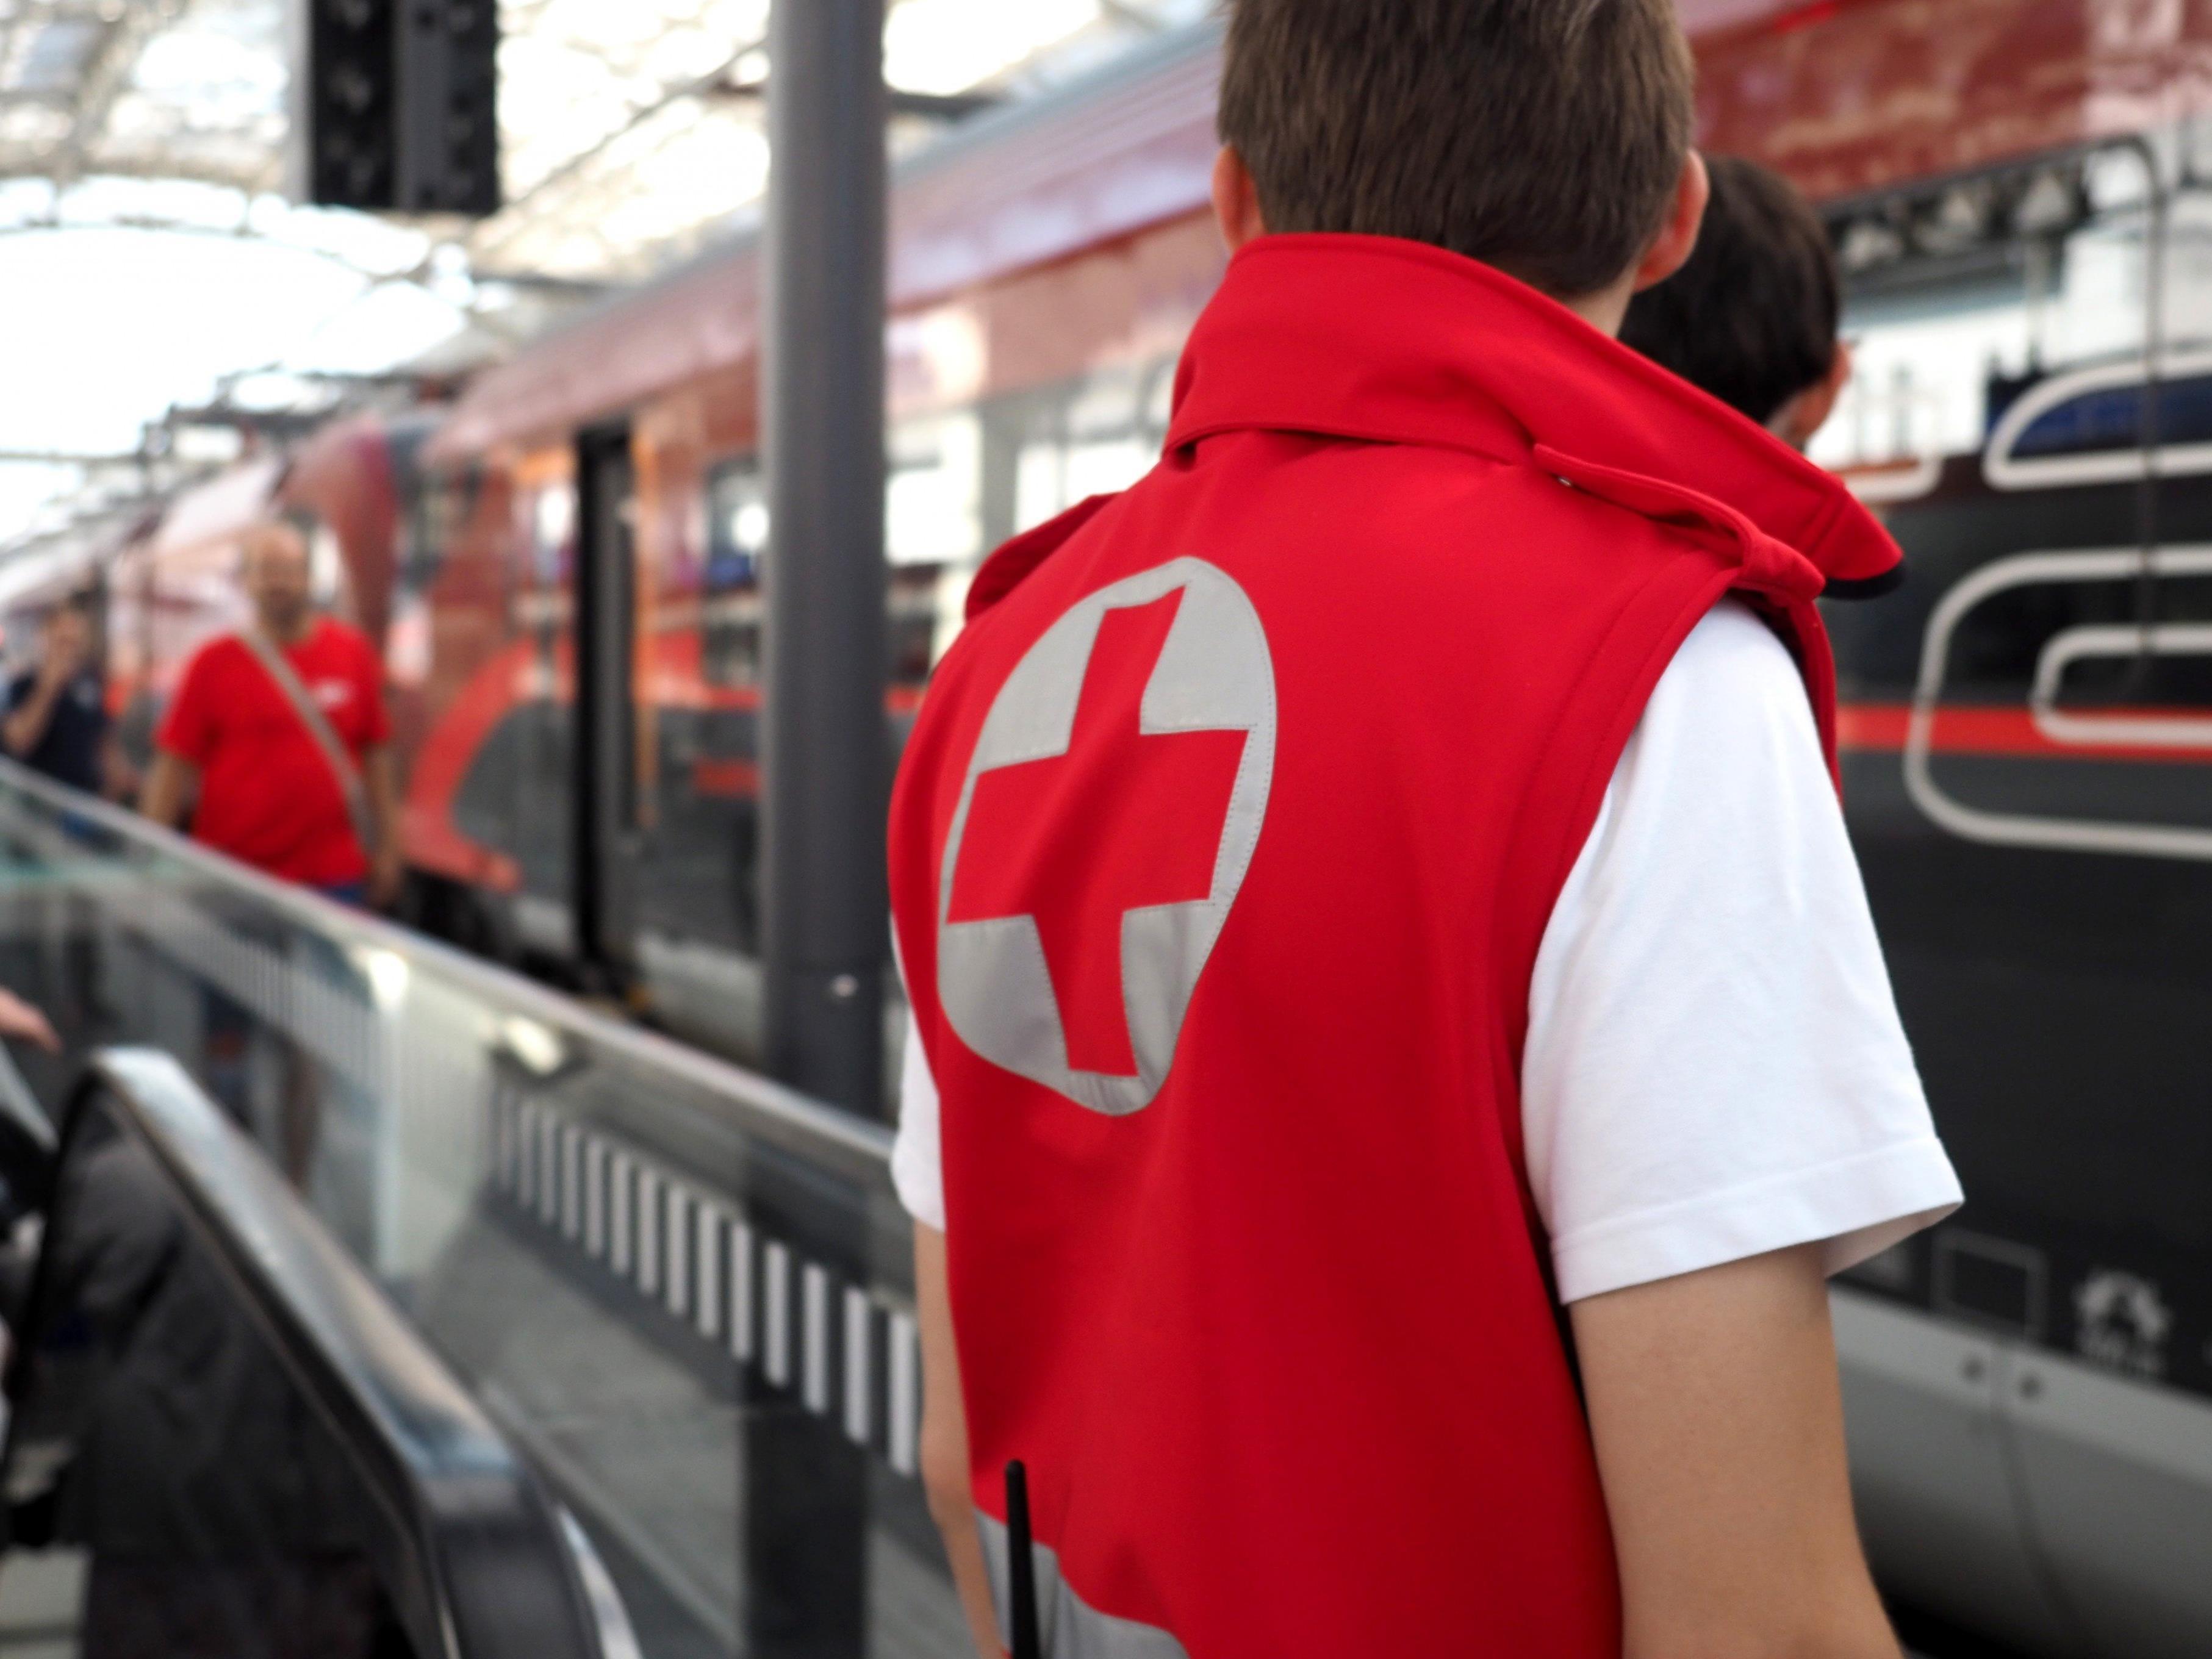 Das bezirkskommando Wien-Umgebung des Roten Kreuzes wird aufgelöst.